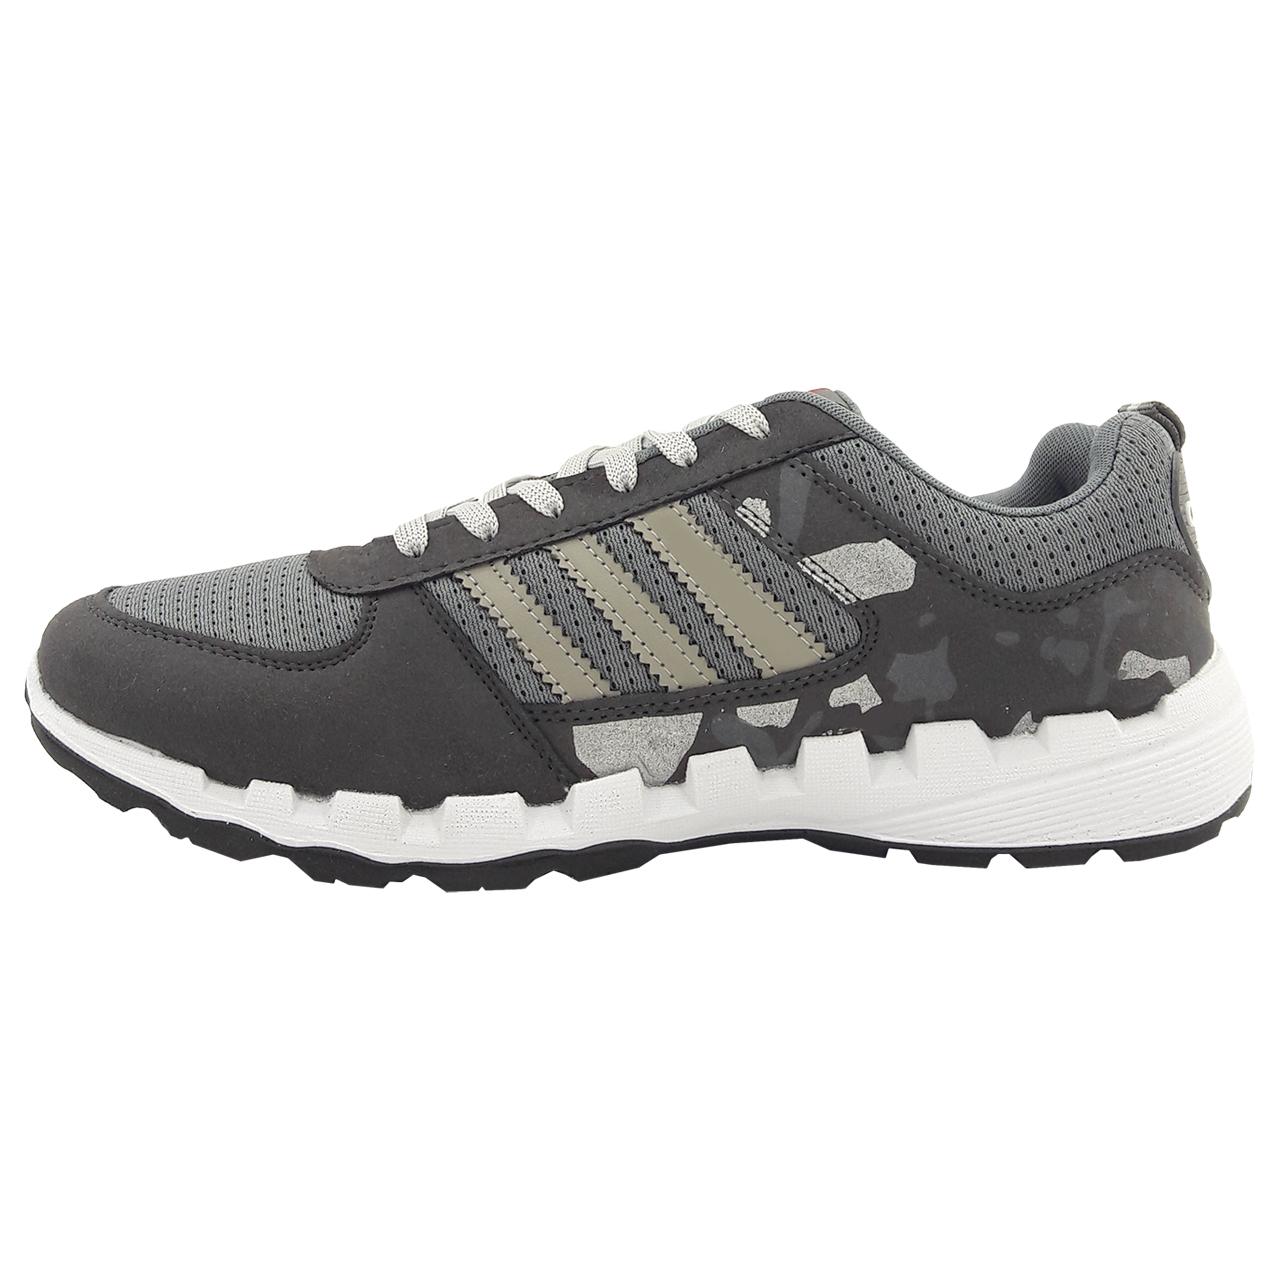 قیمت کفش راحتی مردانه ایده آل مدل Army gry01